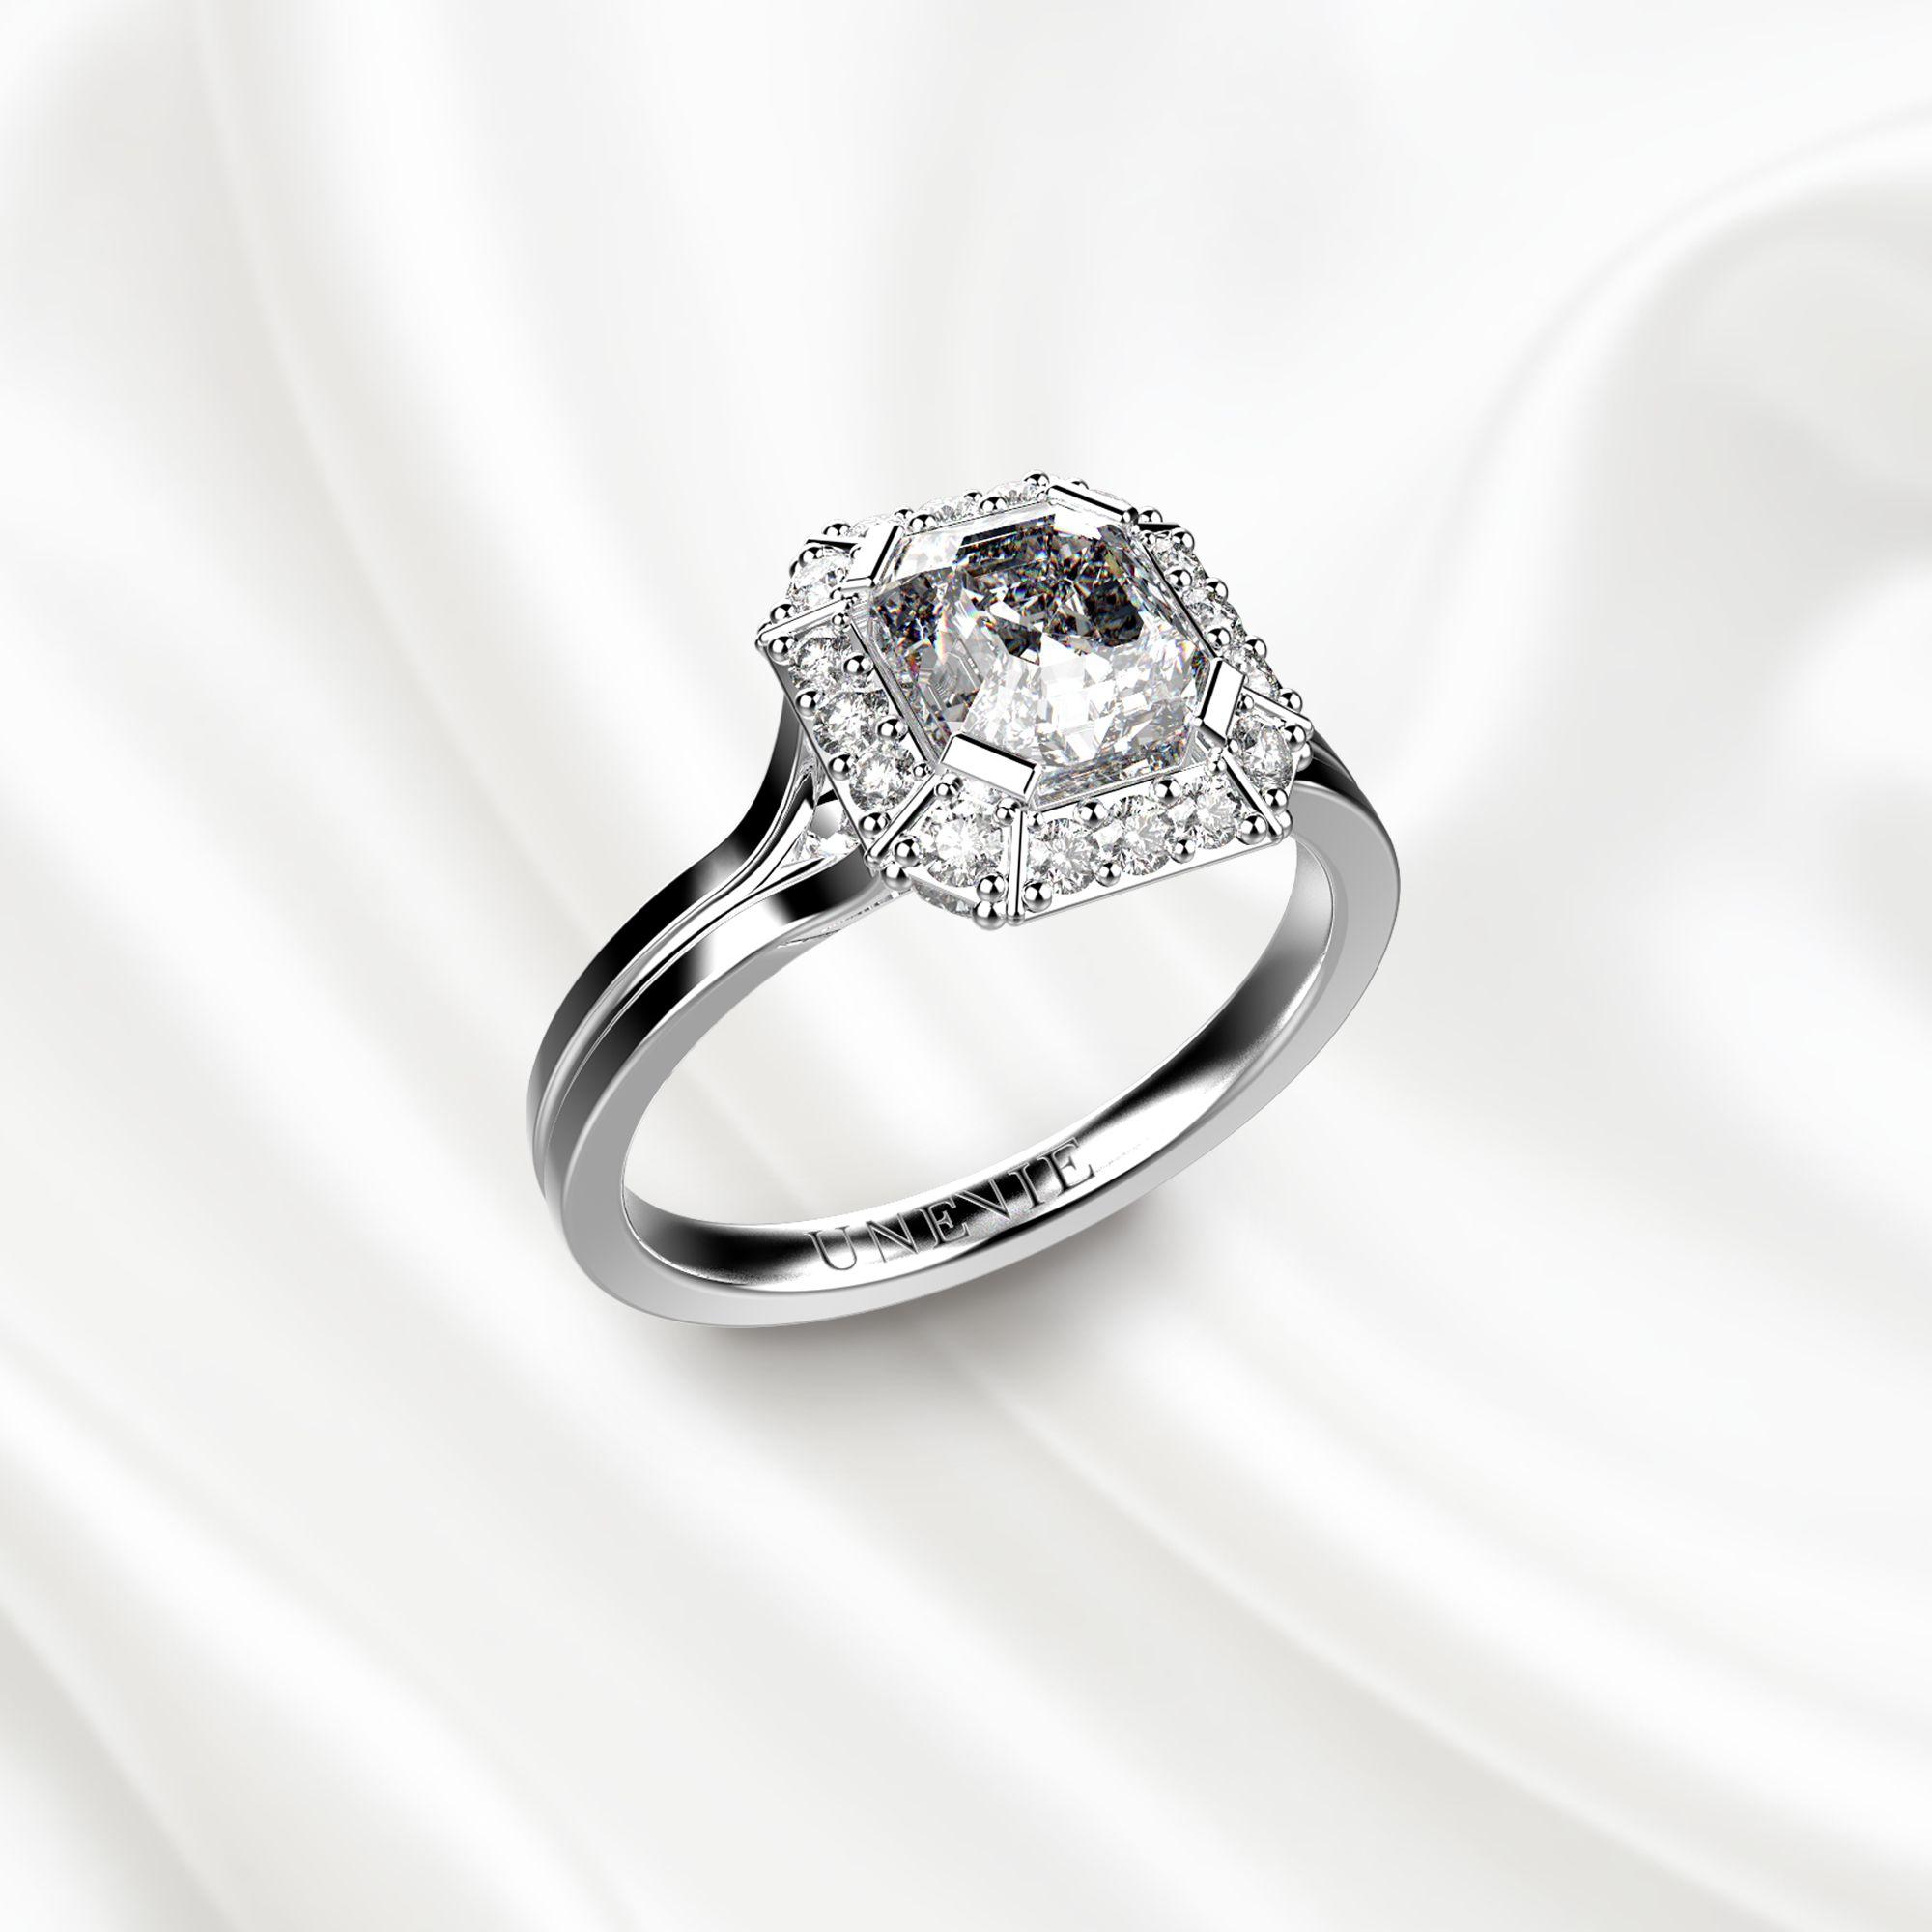 N7 Помолвочное кольцо из белого золота